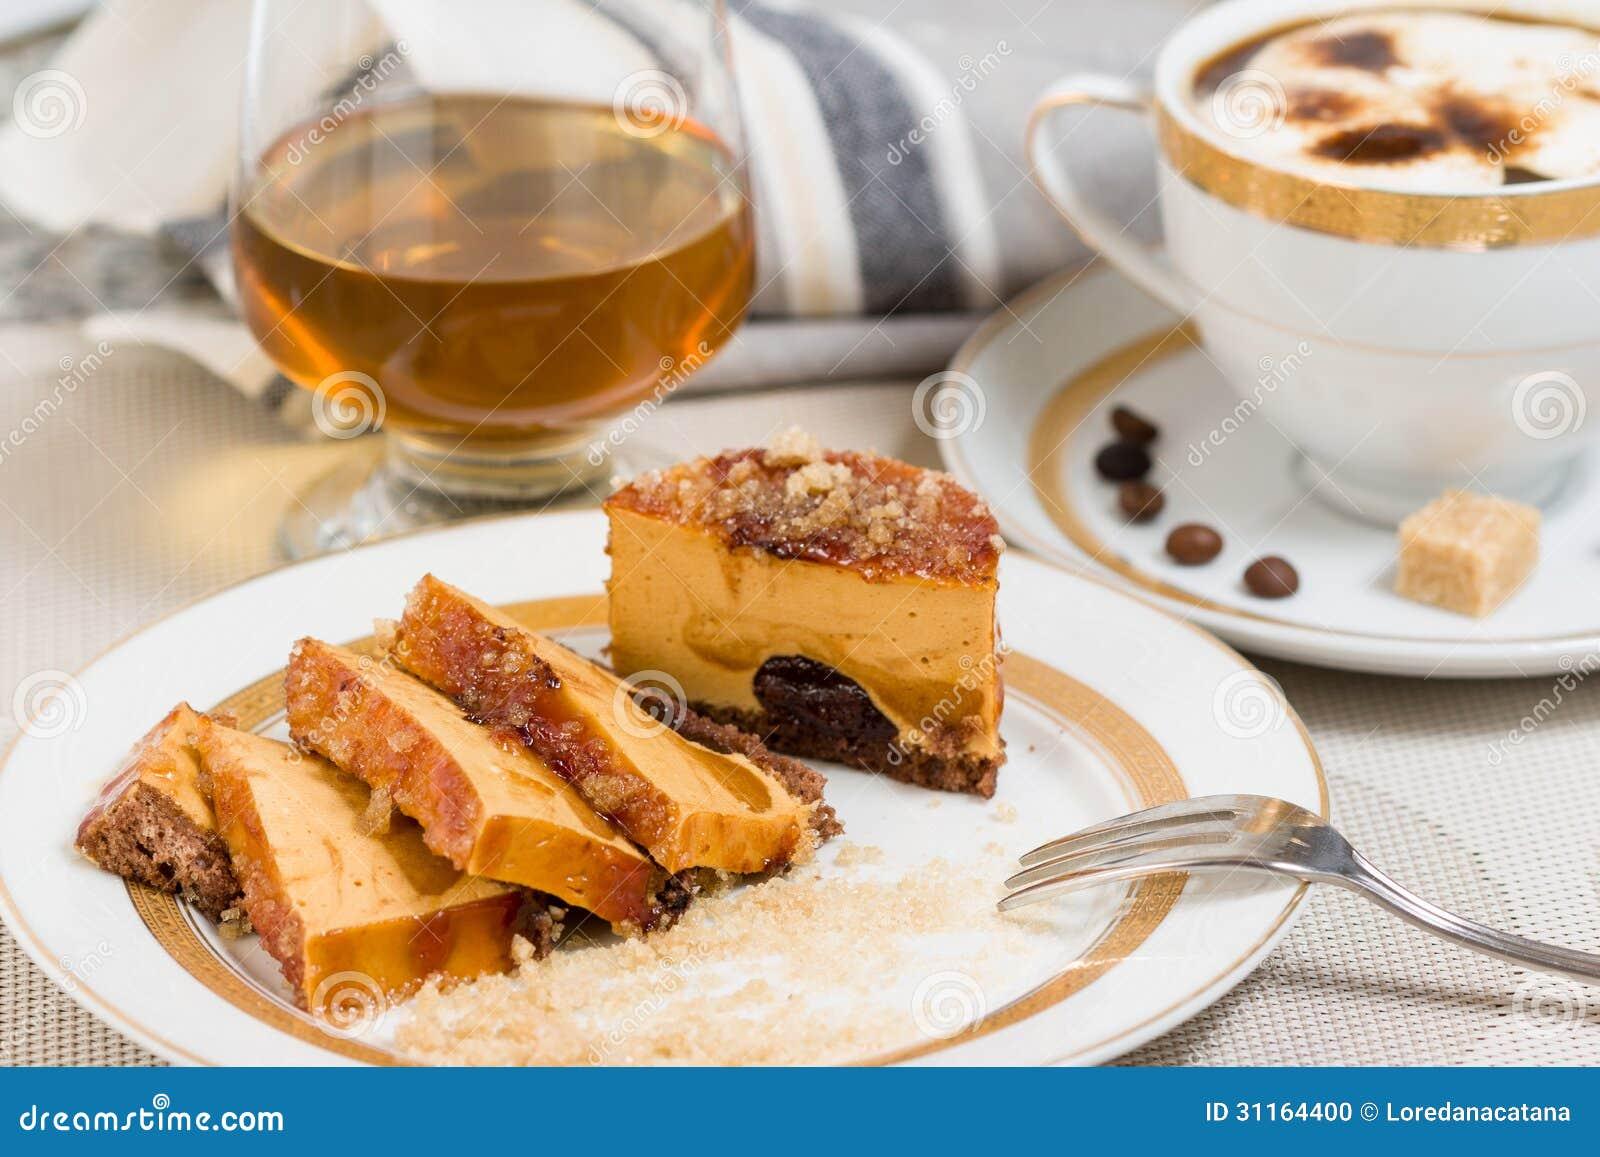 cramel kuchen f llte mit schokolade weinbrand und kaffee auf hintergrund stockfoto bild 31164400. Black Bedroom Furniture Sets. Home Design Ideas